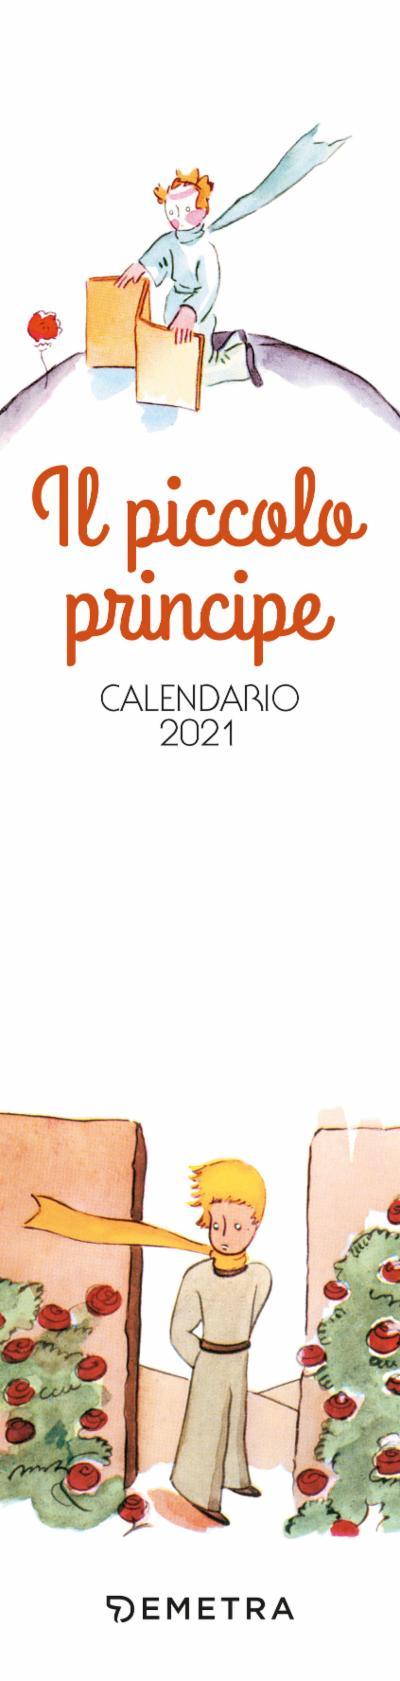 Calendario Il piccolo principe 2021, da parete, 7x30 cm